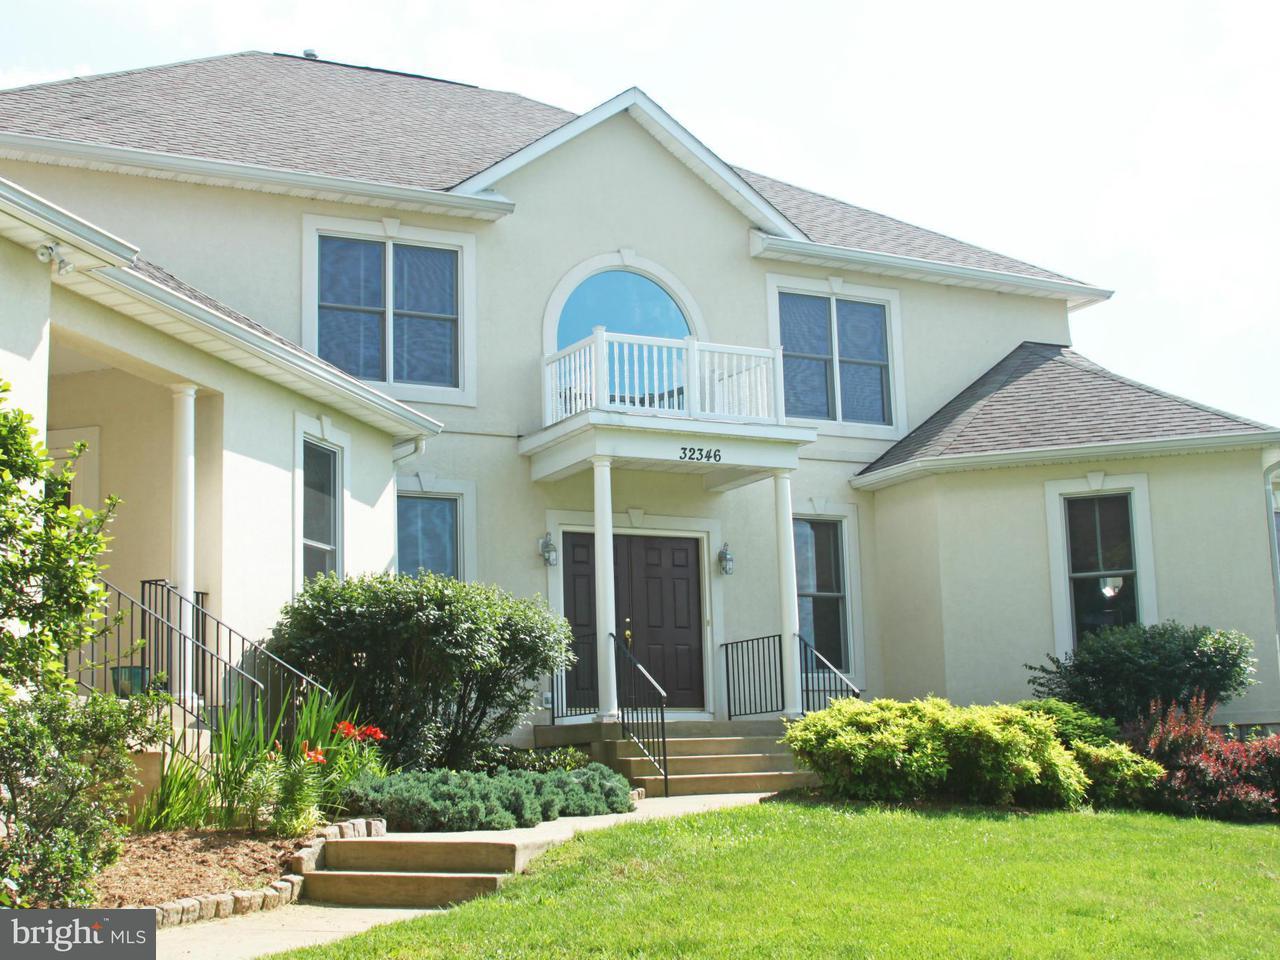 Vivienda unifamiliar por un Venta en 32346 GADSDEN Lane 32346 GADSDEN Lane Locust Grove, Virginia 22508 Estados Unidos